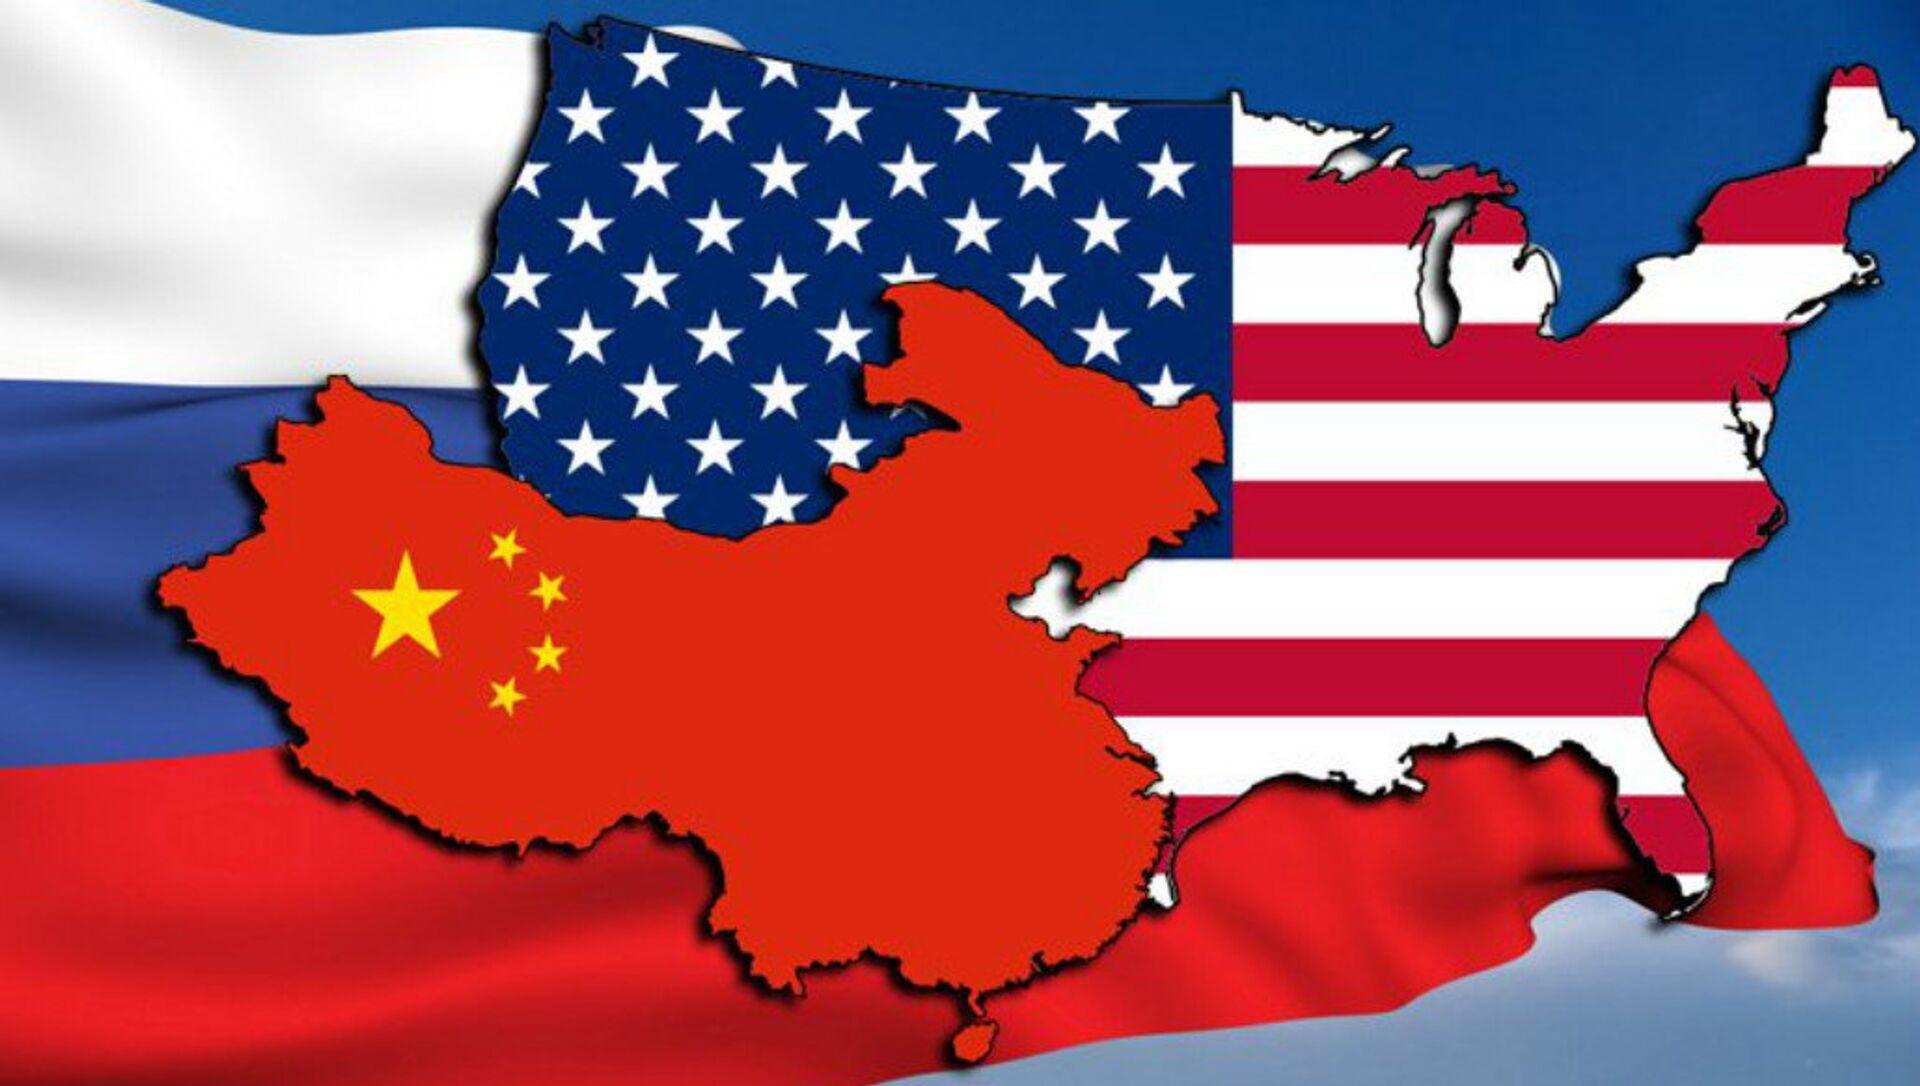 Заставе САД Кине и Русије - Sputnik Србија, 1920, 21.02.2021